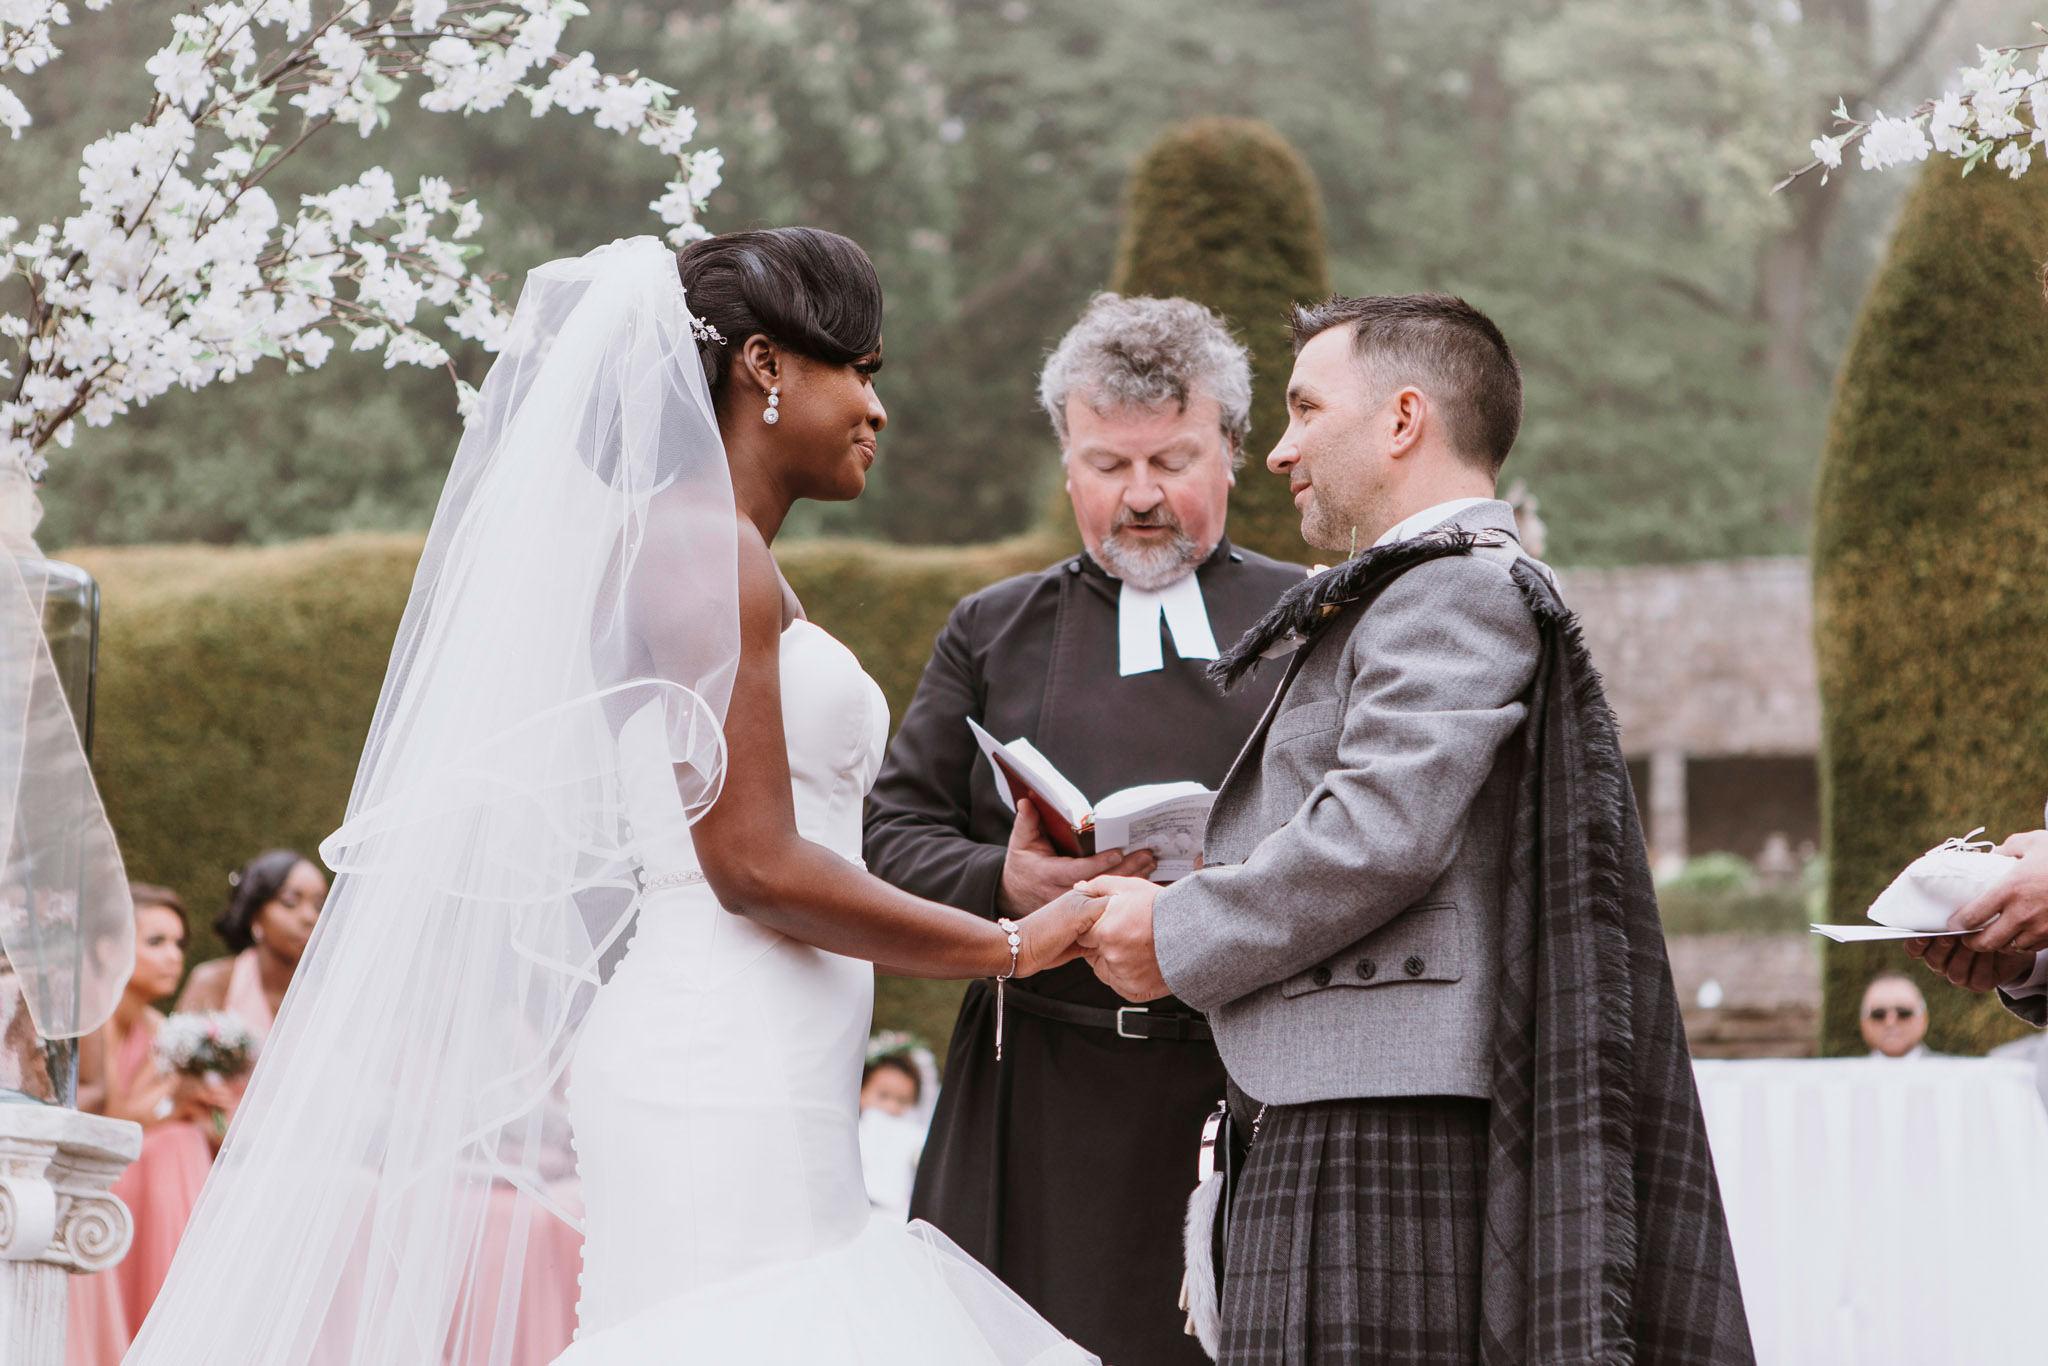 scotland-wedding-elopement-photographer-038.jpg